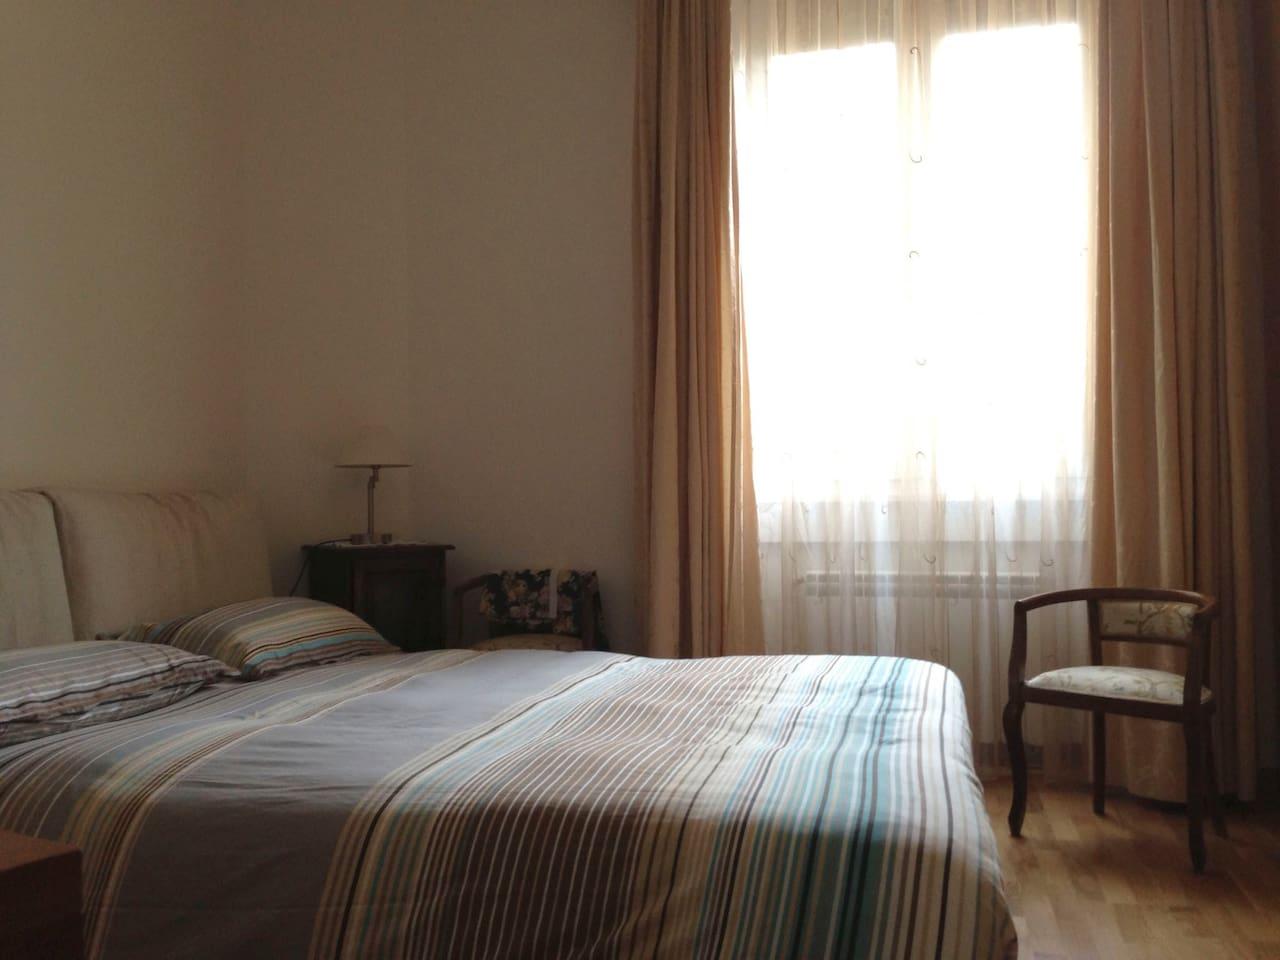 Questa è la camera da letto con letto matrimoniale. Nella camera cè anche una piccola srivania e un televisore. Si puó usare l'aria condizionata. La camera è molto silenziosa e si affaccia nel cortile. Quinto piano.